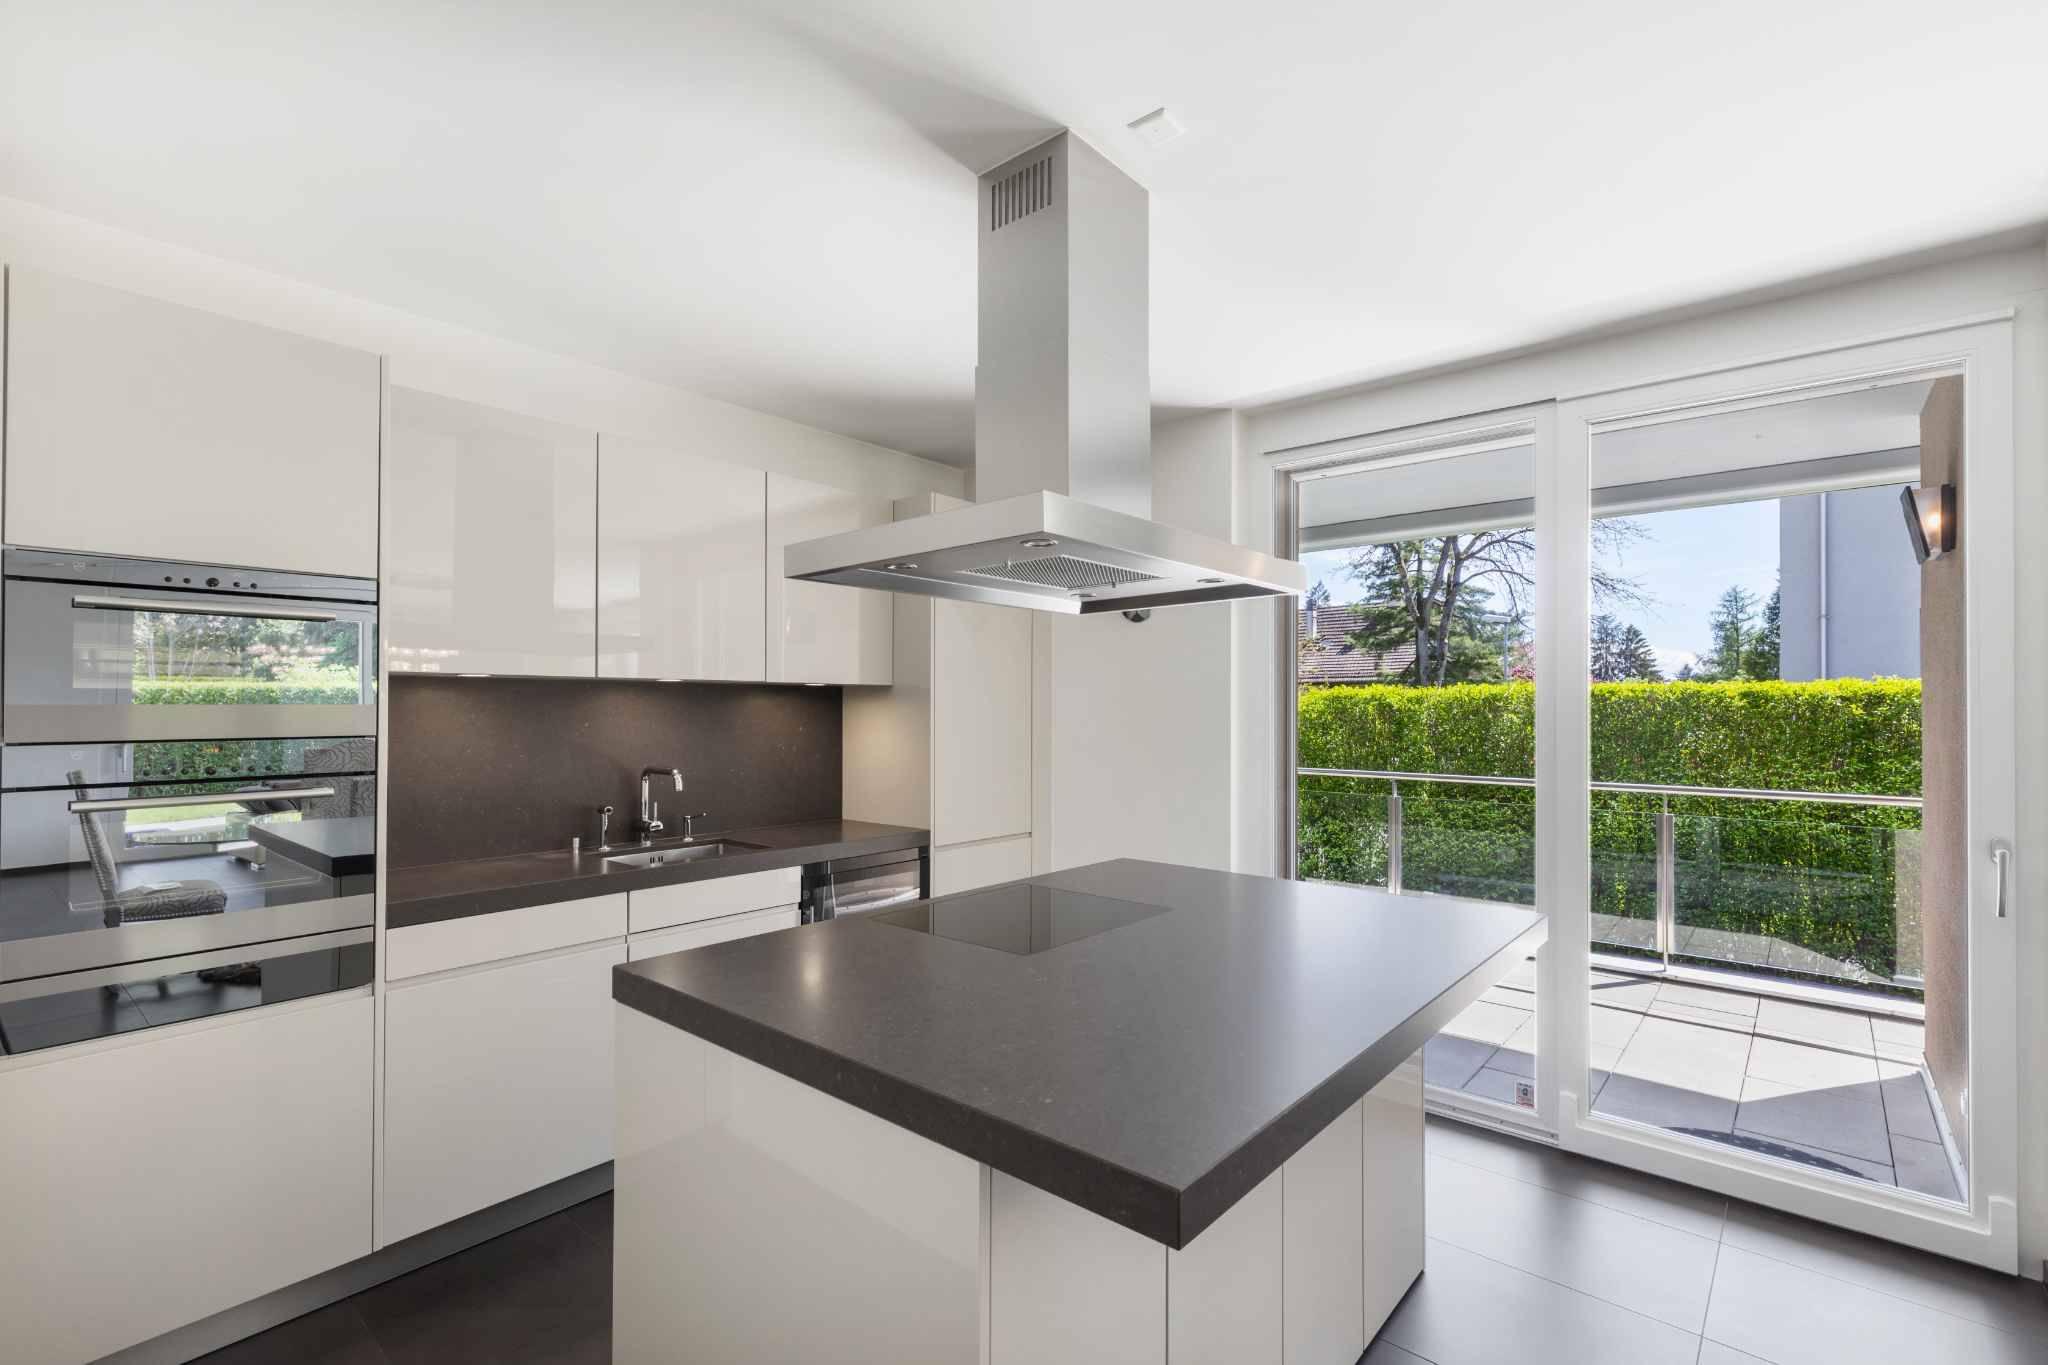 Appartement récent de 3.5 pièces avec terrasse, jardin et jacuzzi